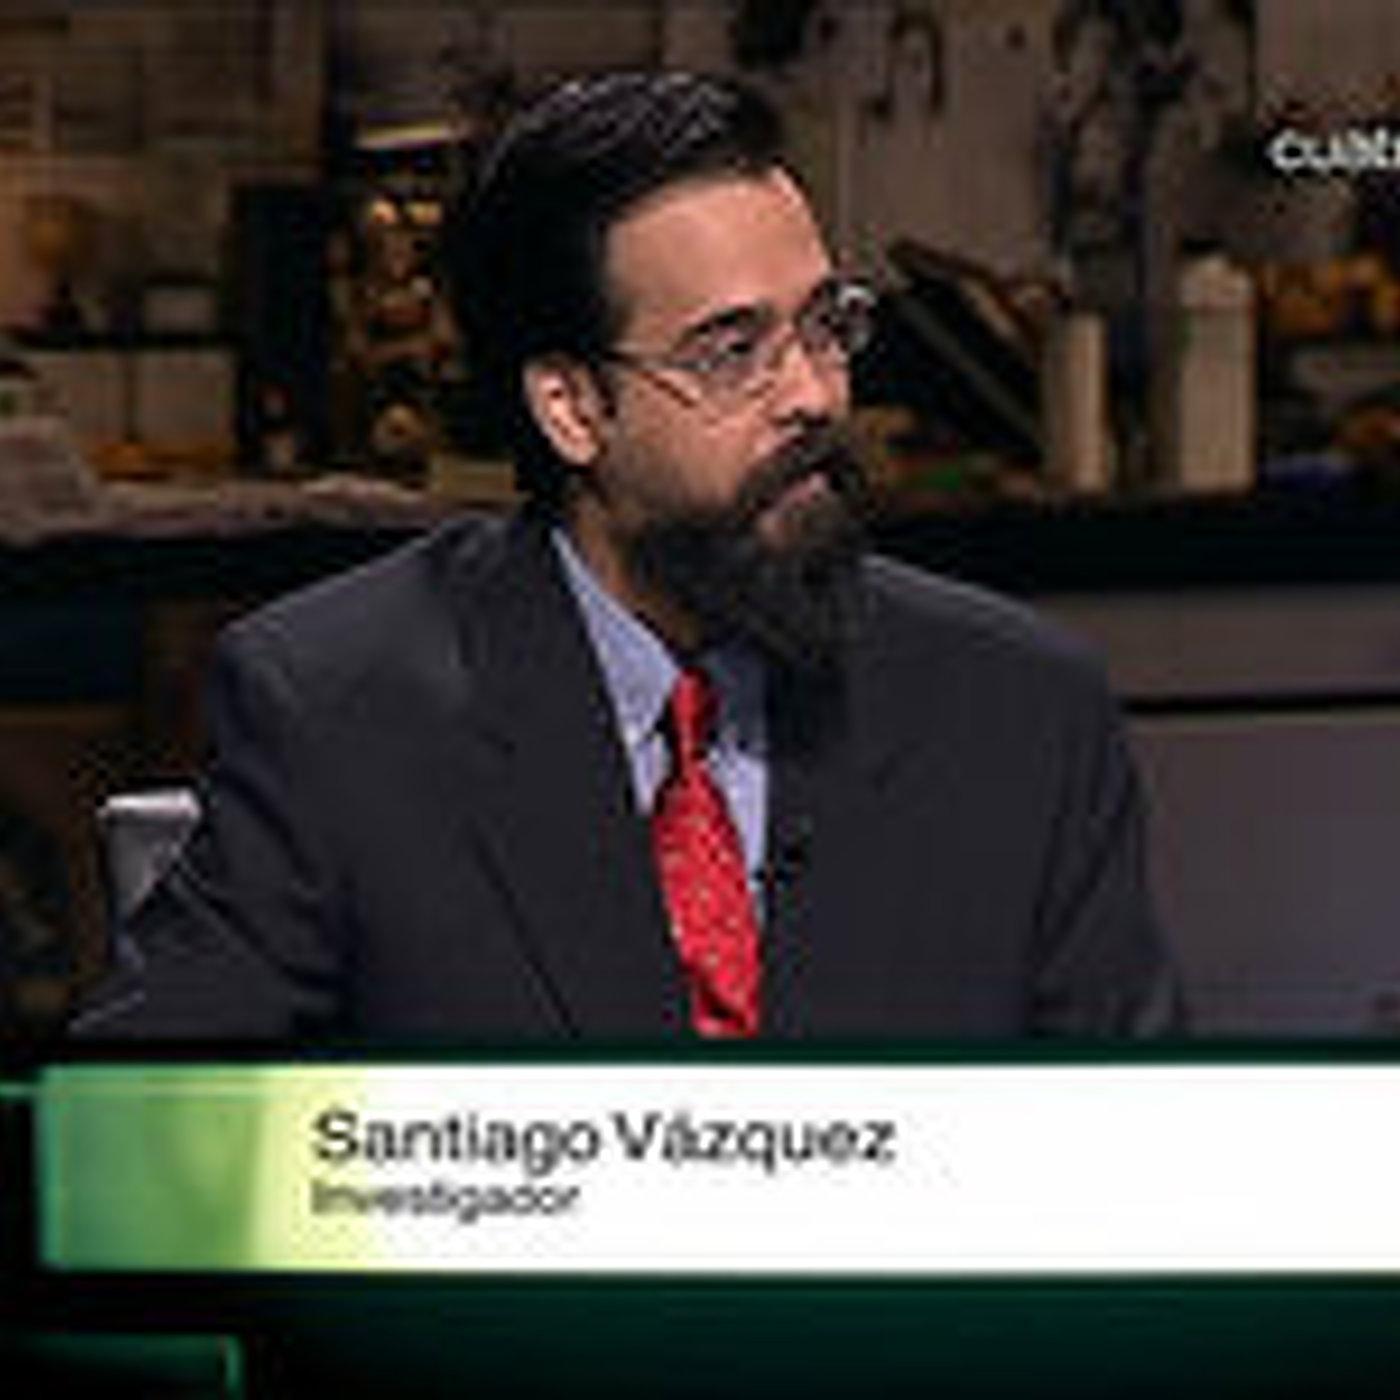 Santiago Vázquez, El Mas allá, El Demonio, La Luna, Fenómeno ...